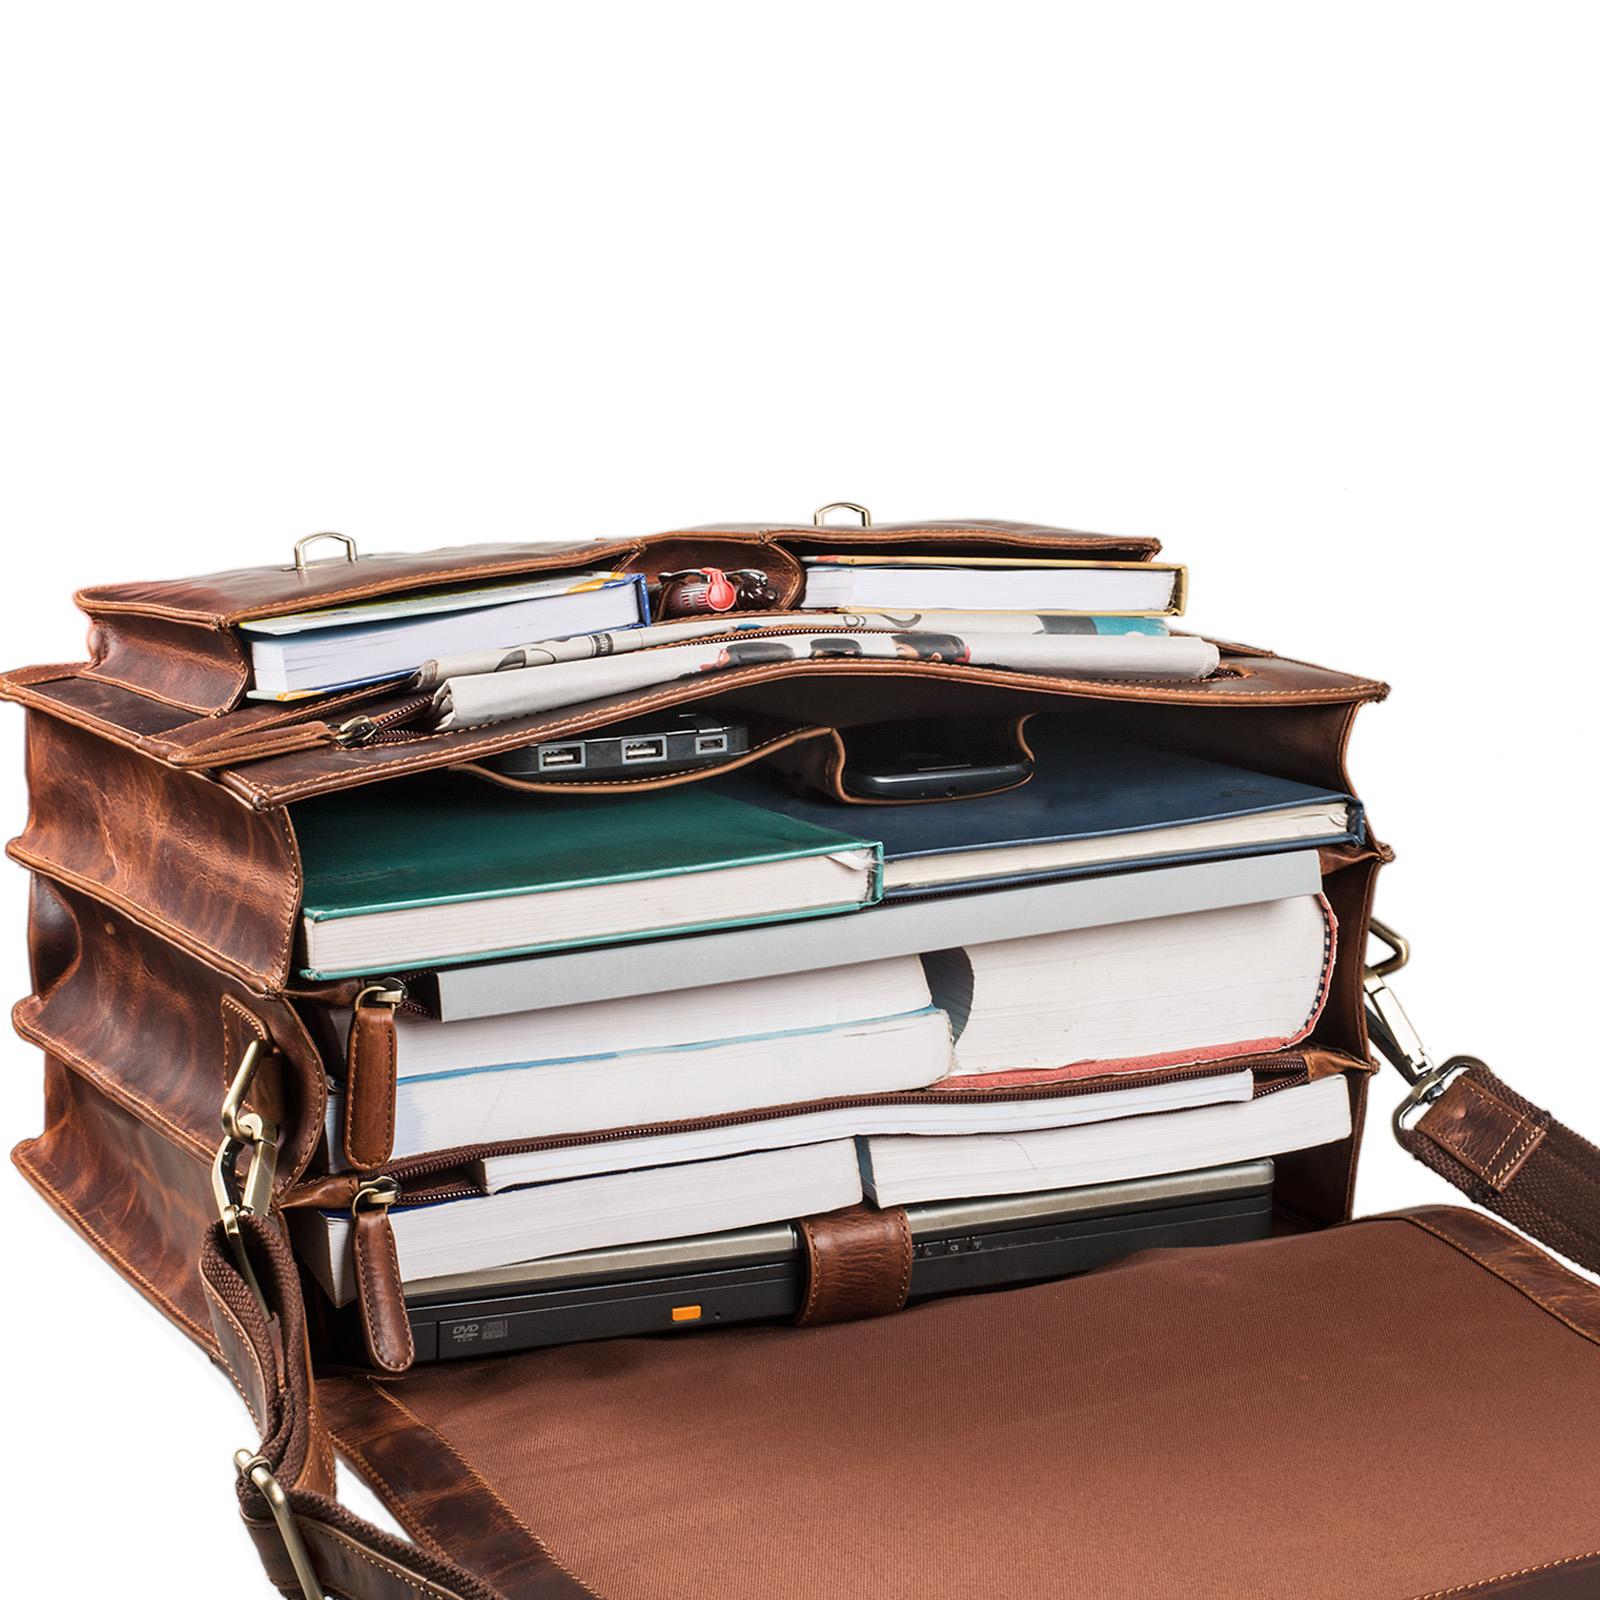 """STILORD """"Marius"""" Klassische Lehrertasche Leder Schultasche XL groß Aktentasche zum Umhängen Businesstasche Laptoptasche echtes Rindsleder  - Bild 14"""